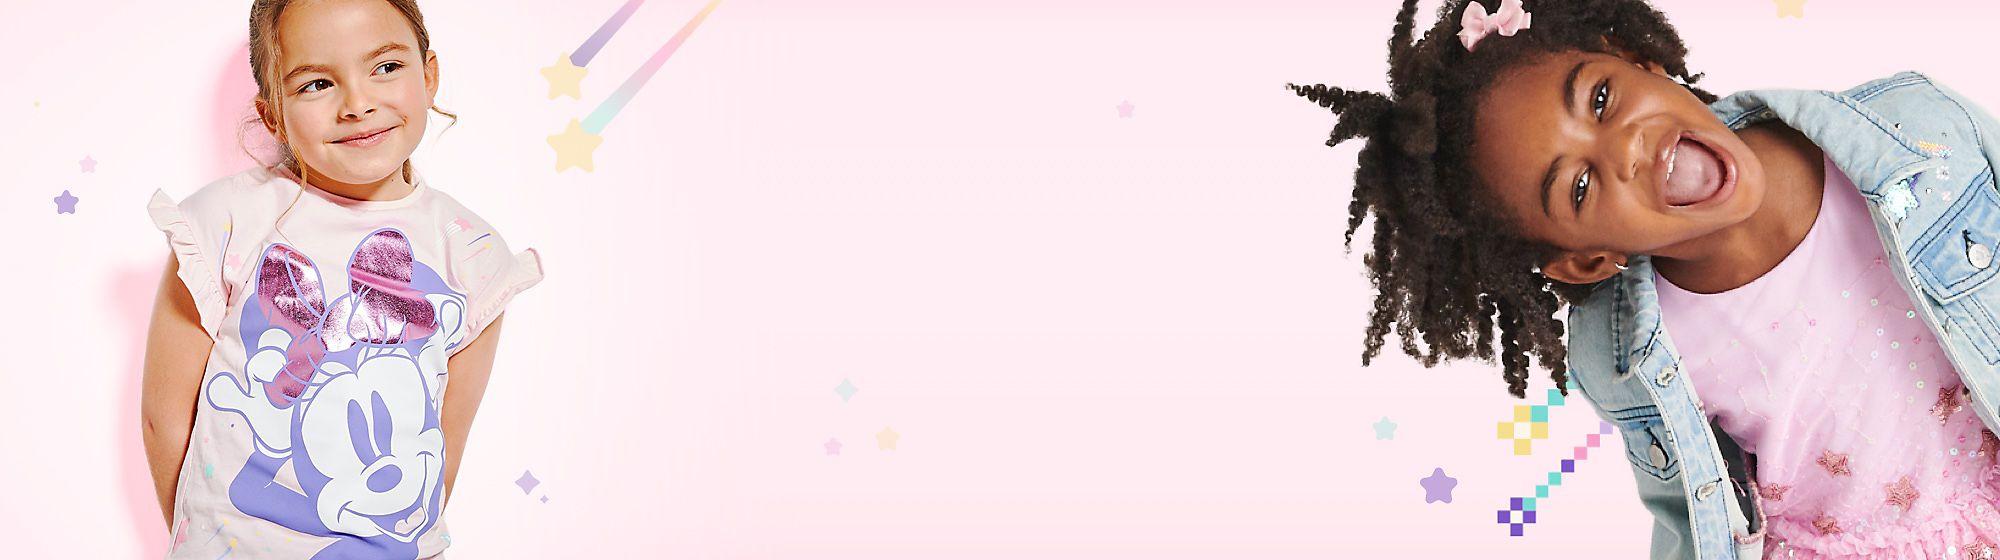 Minnie Mouse Mystical Magici colori pastello e un tocco mistico per una collezione ispirata al mondo fatato